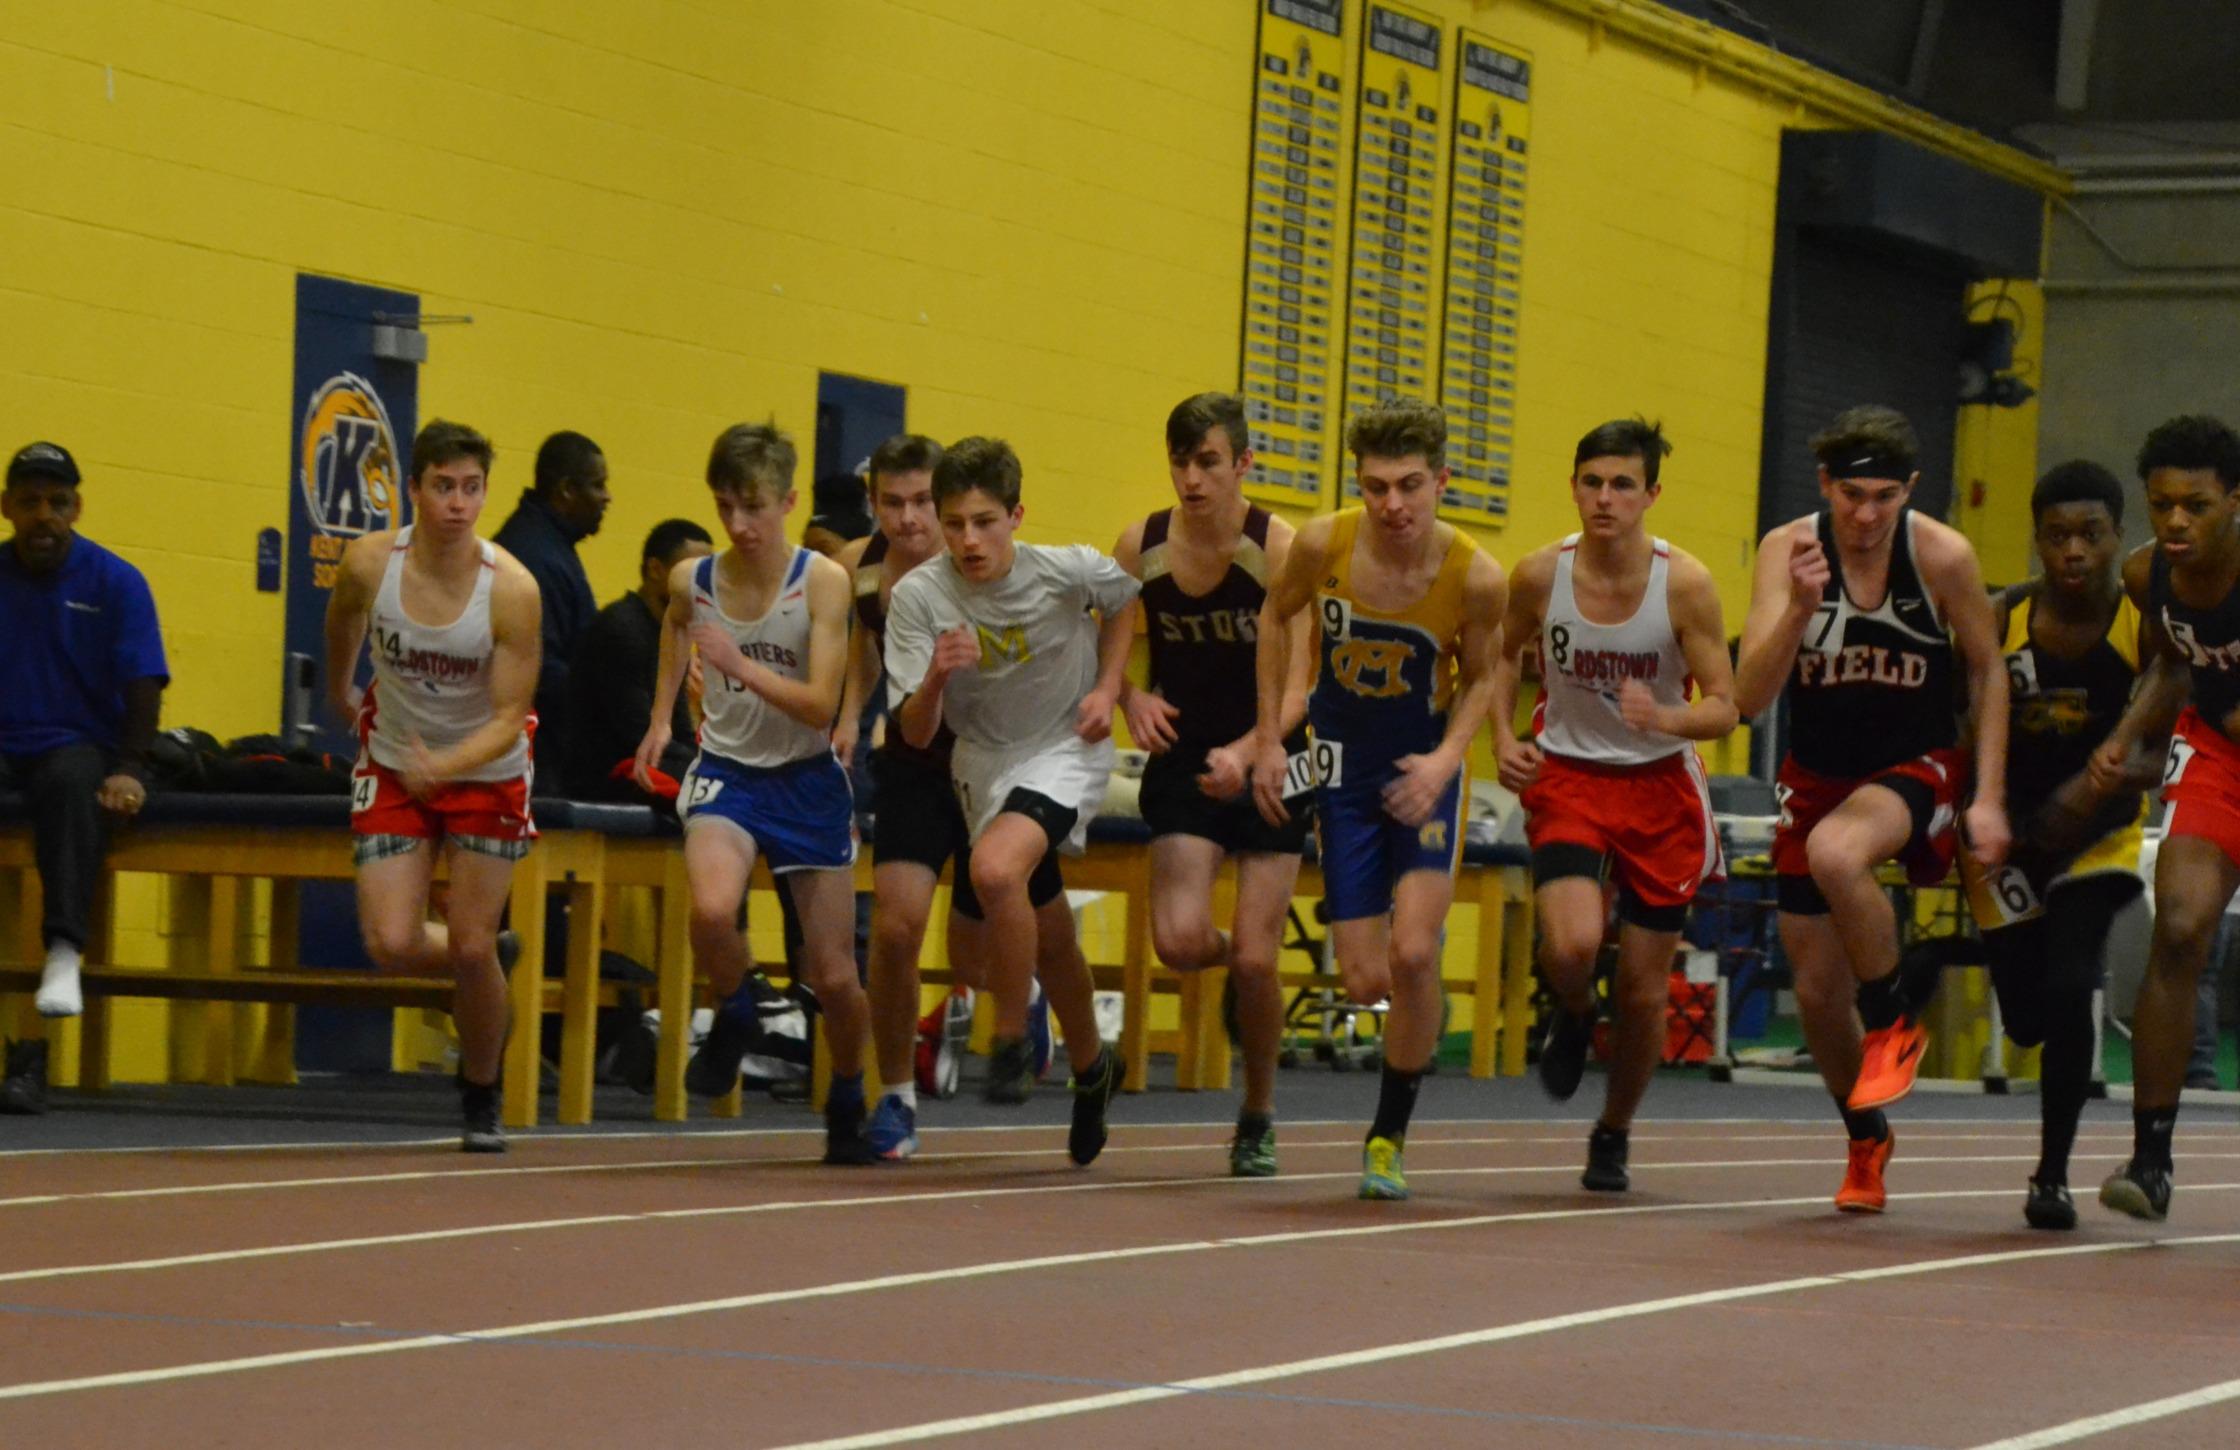 800 Meter at Kent